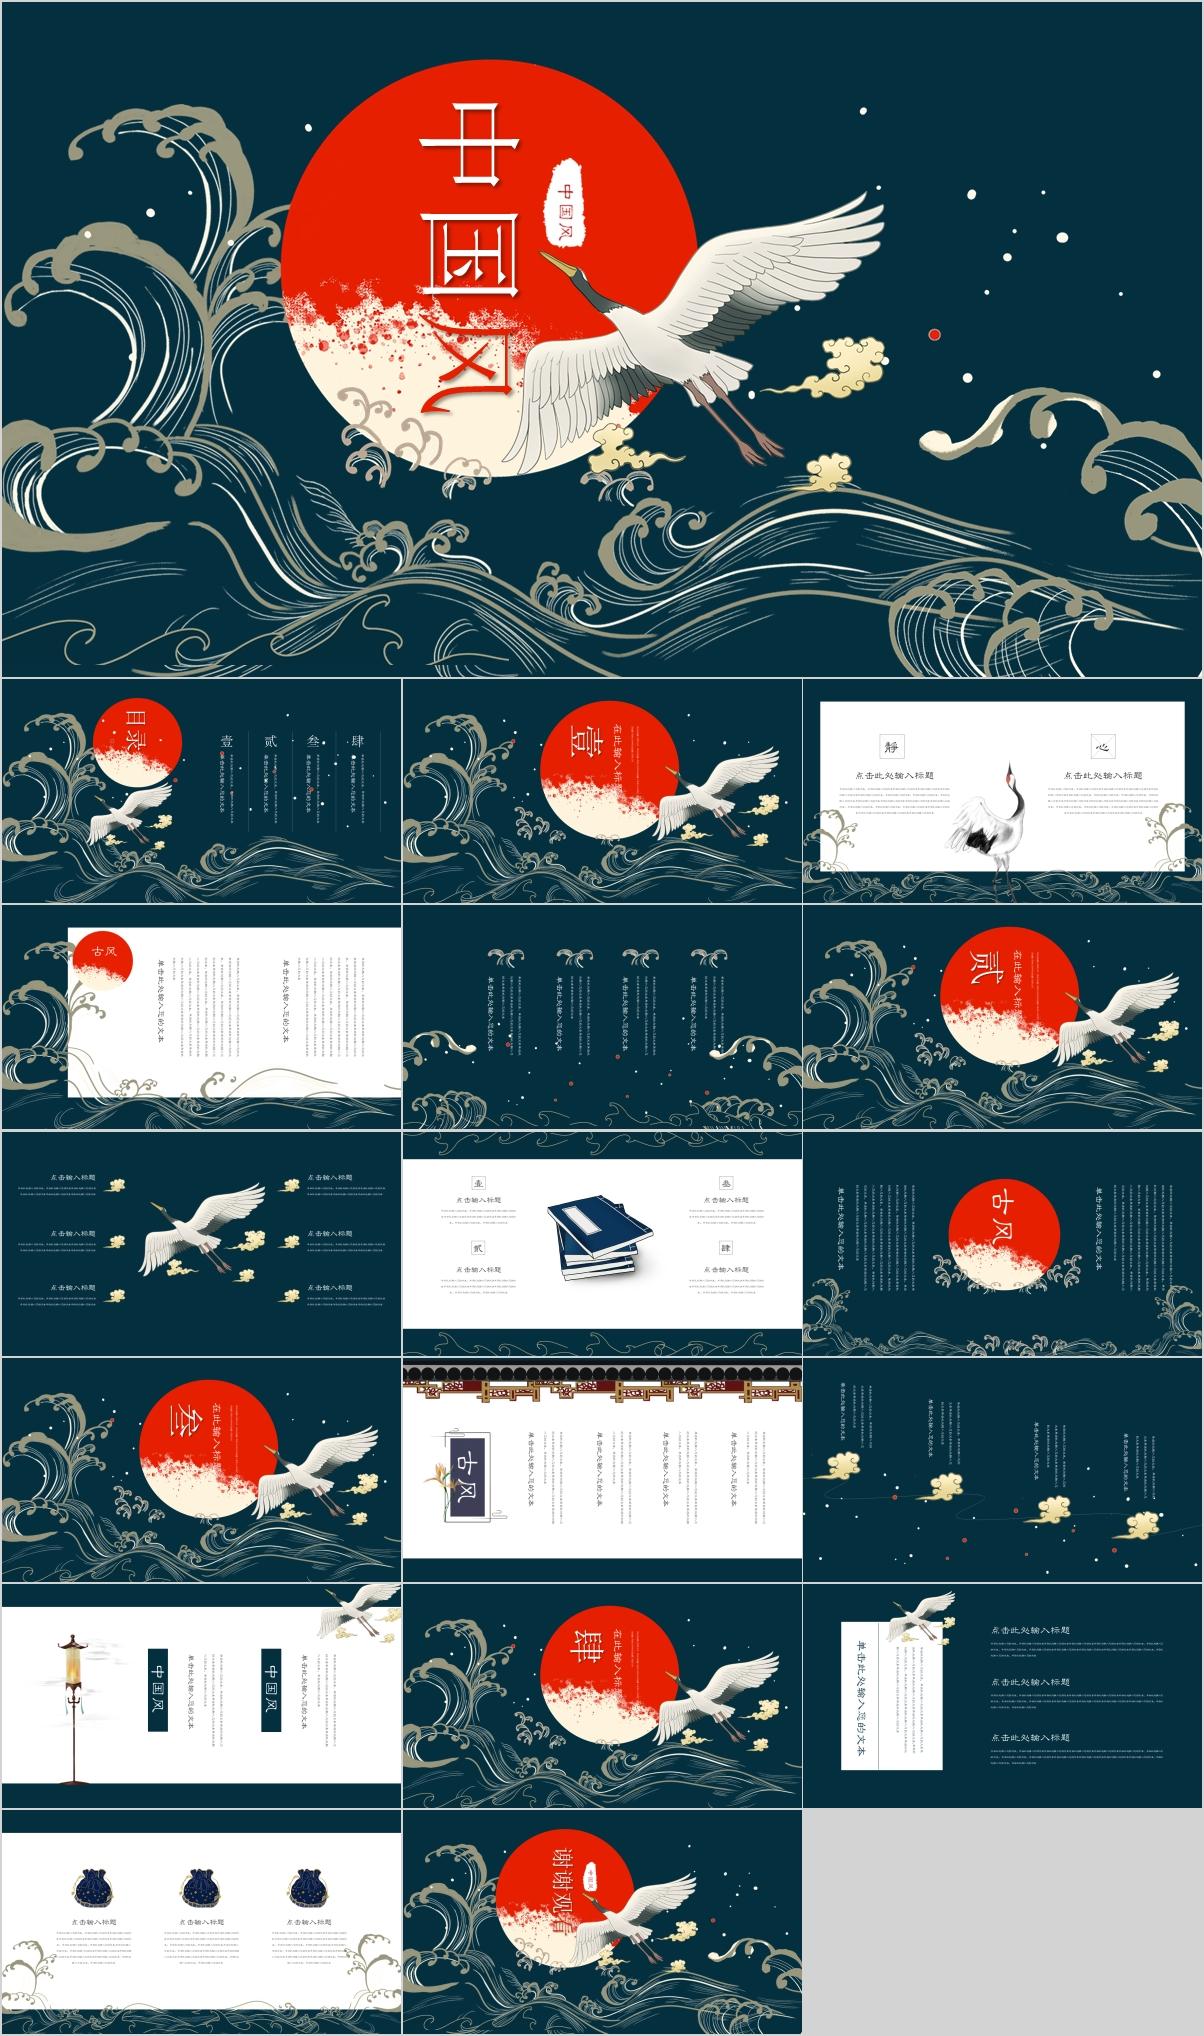 【PPT】国潮来袭复古中国风通用PPT模板-爱资源分享